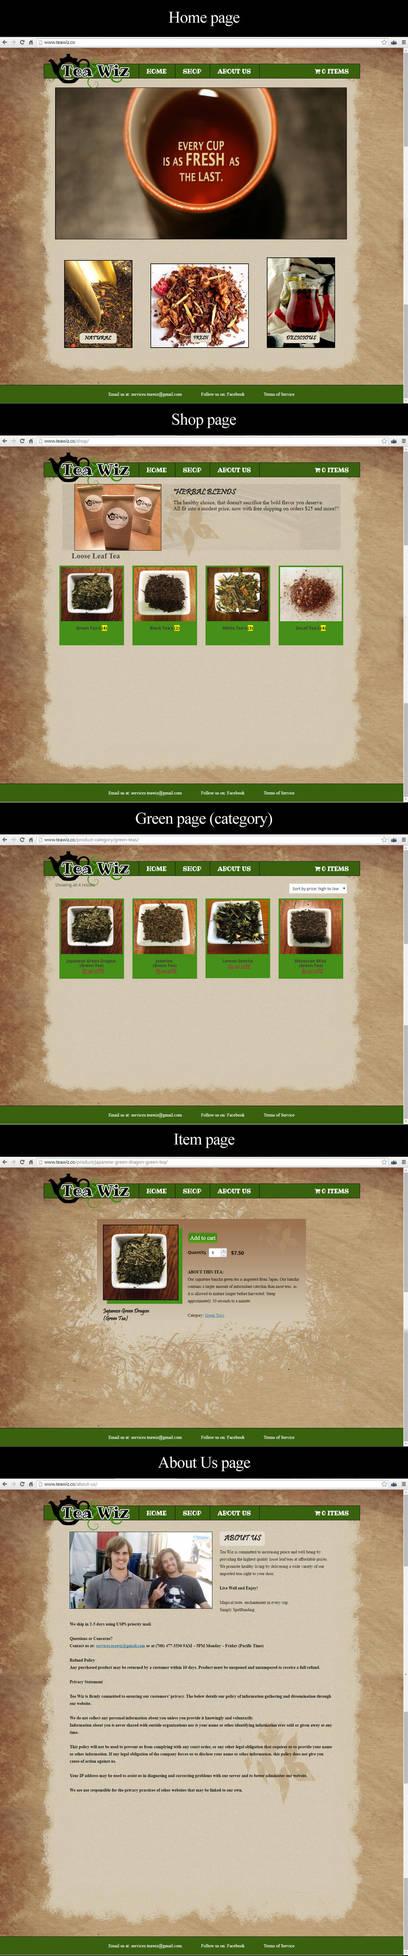 TeaWiz (Web Design) by JessHavok